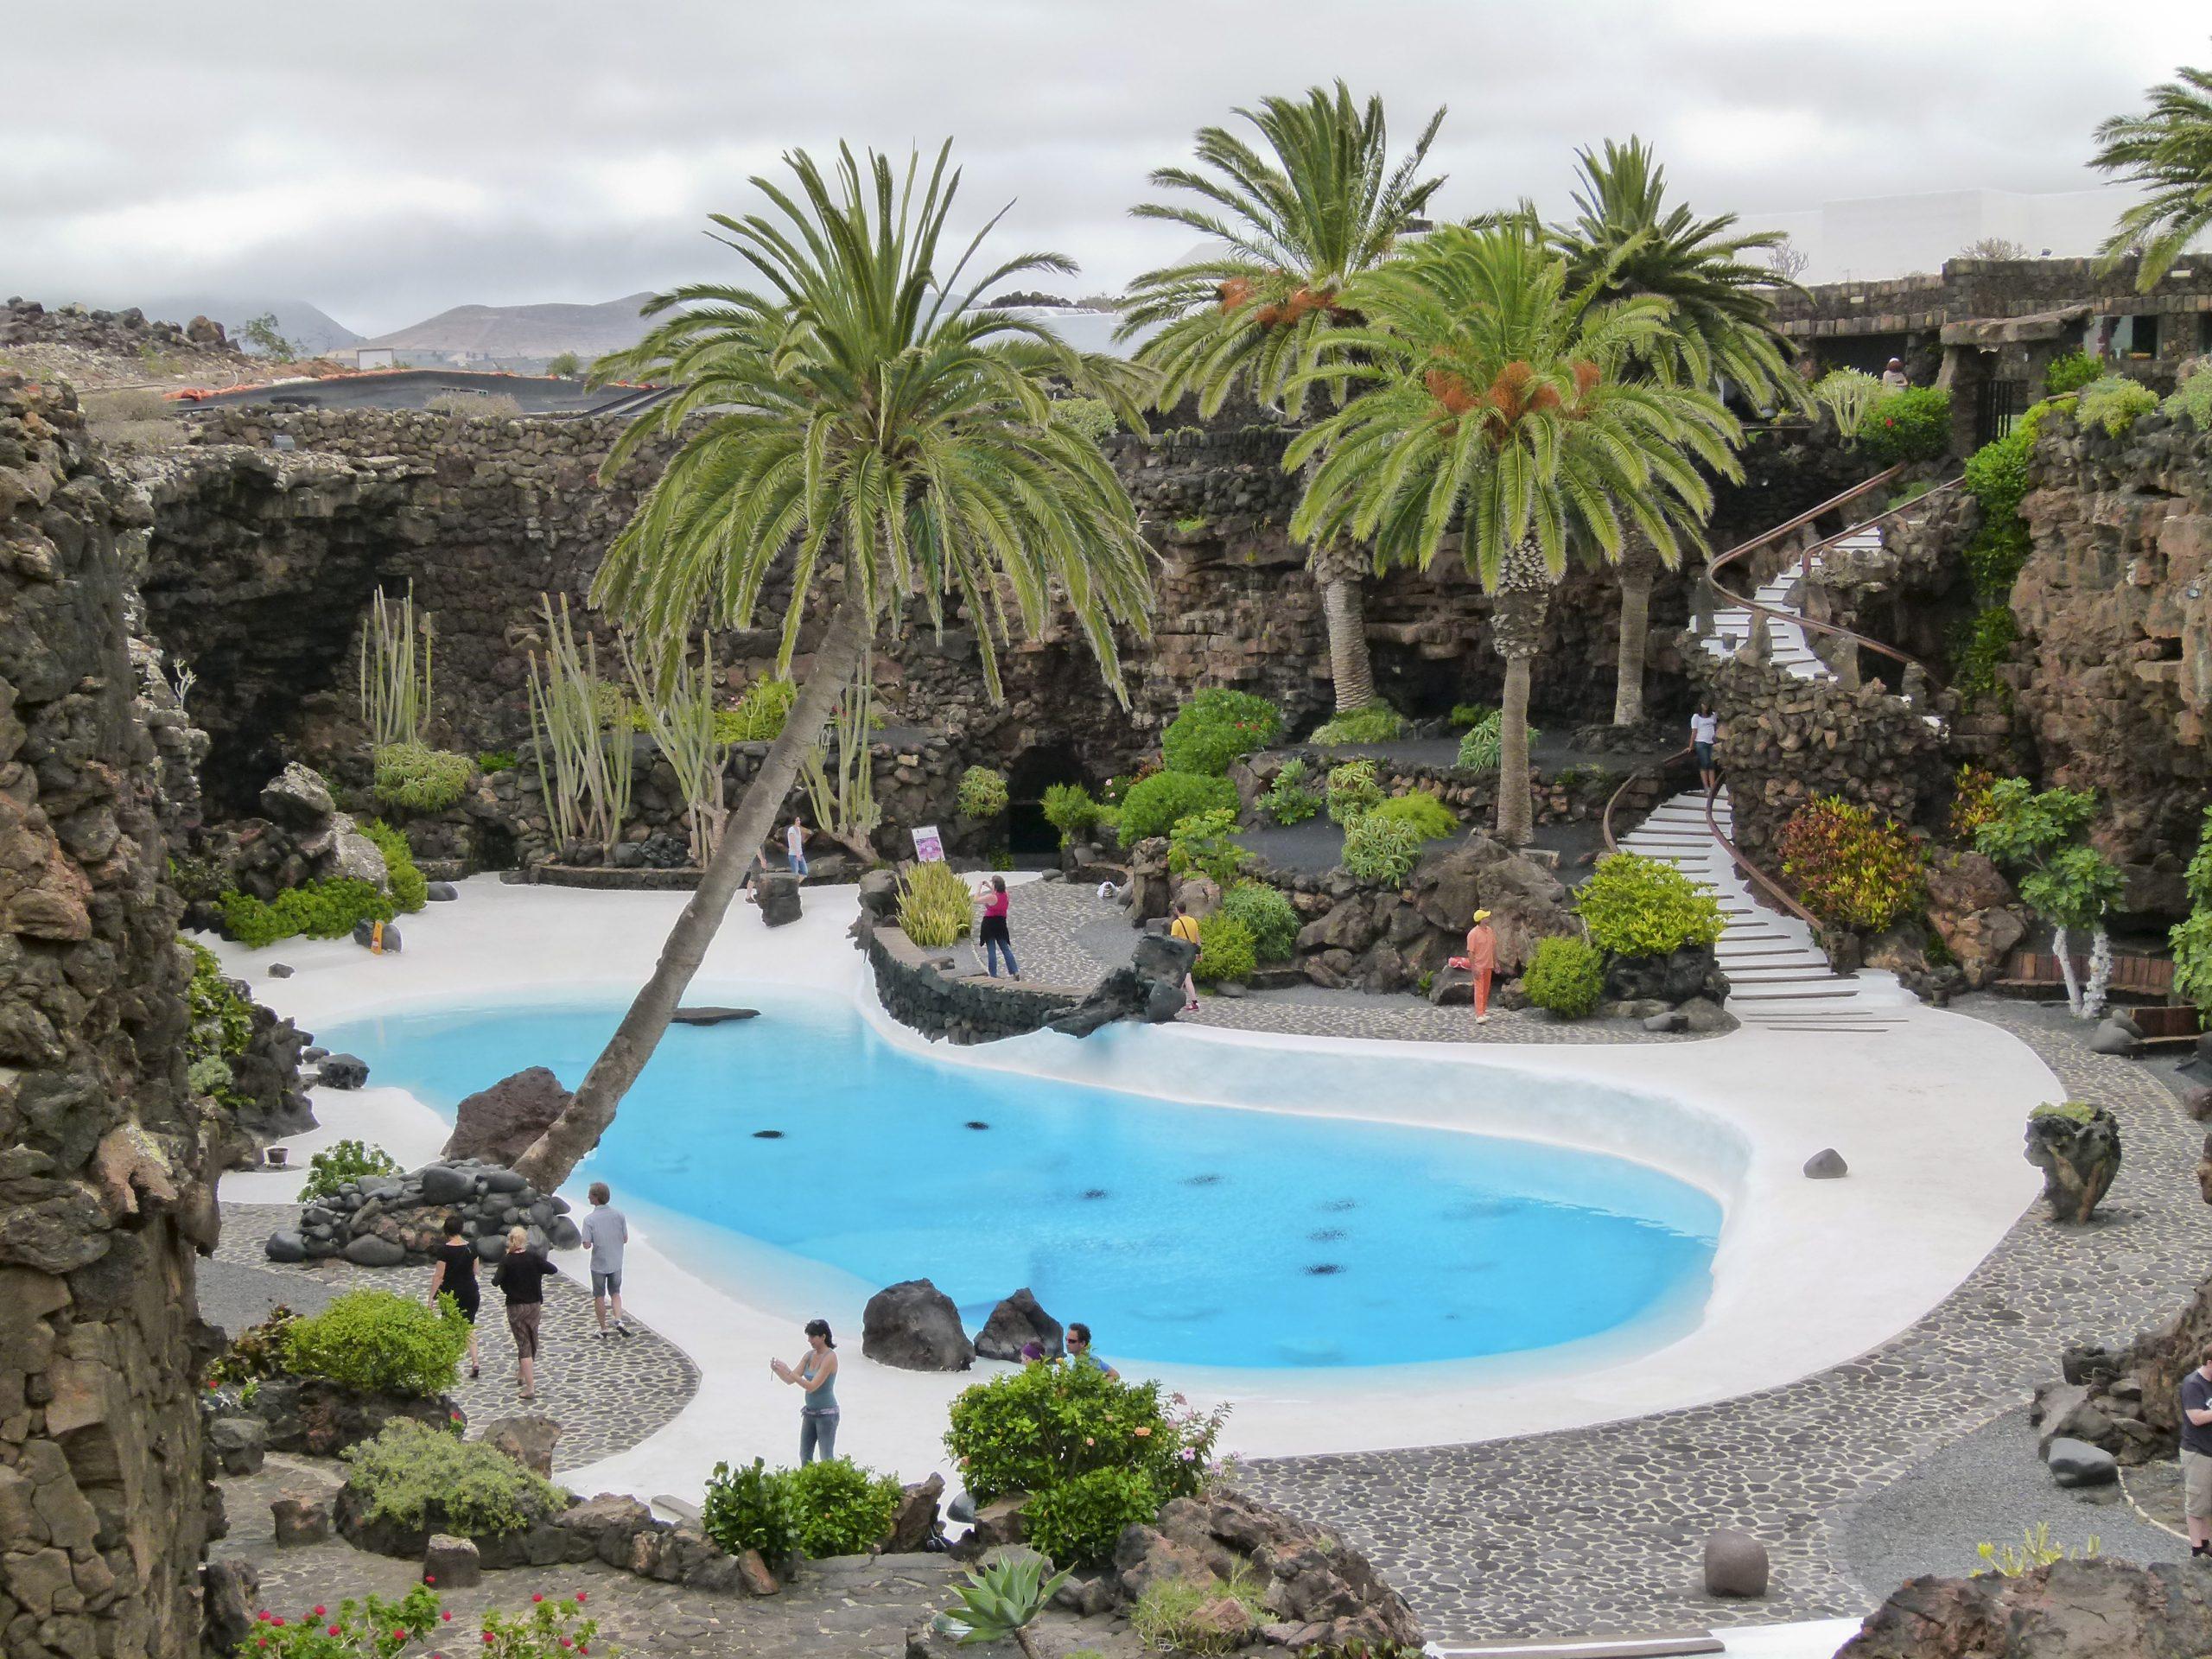 Rejsebureau tabte sag i Pakkerejse-Ankenævnet om en rejse for 12 personer til den kanariske ø Lanzarote. Her er det Jameos del Agua, en af Lanzarotes mest berømte turistattraktioner. Wikipediafoto: Norbert Nagel.